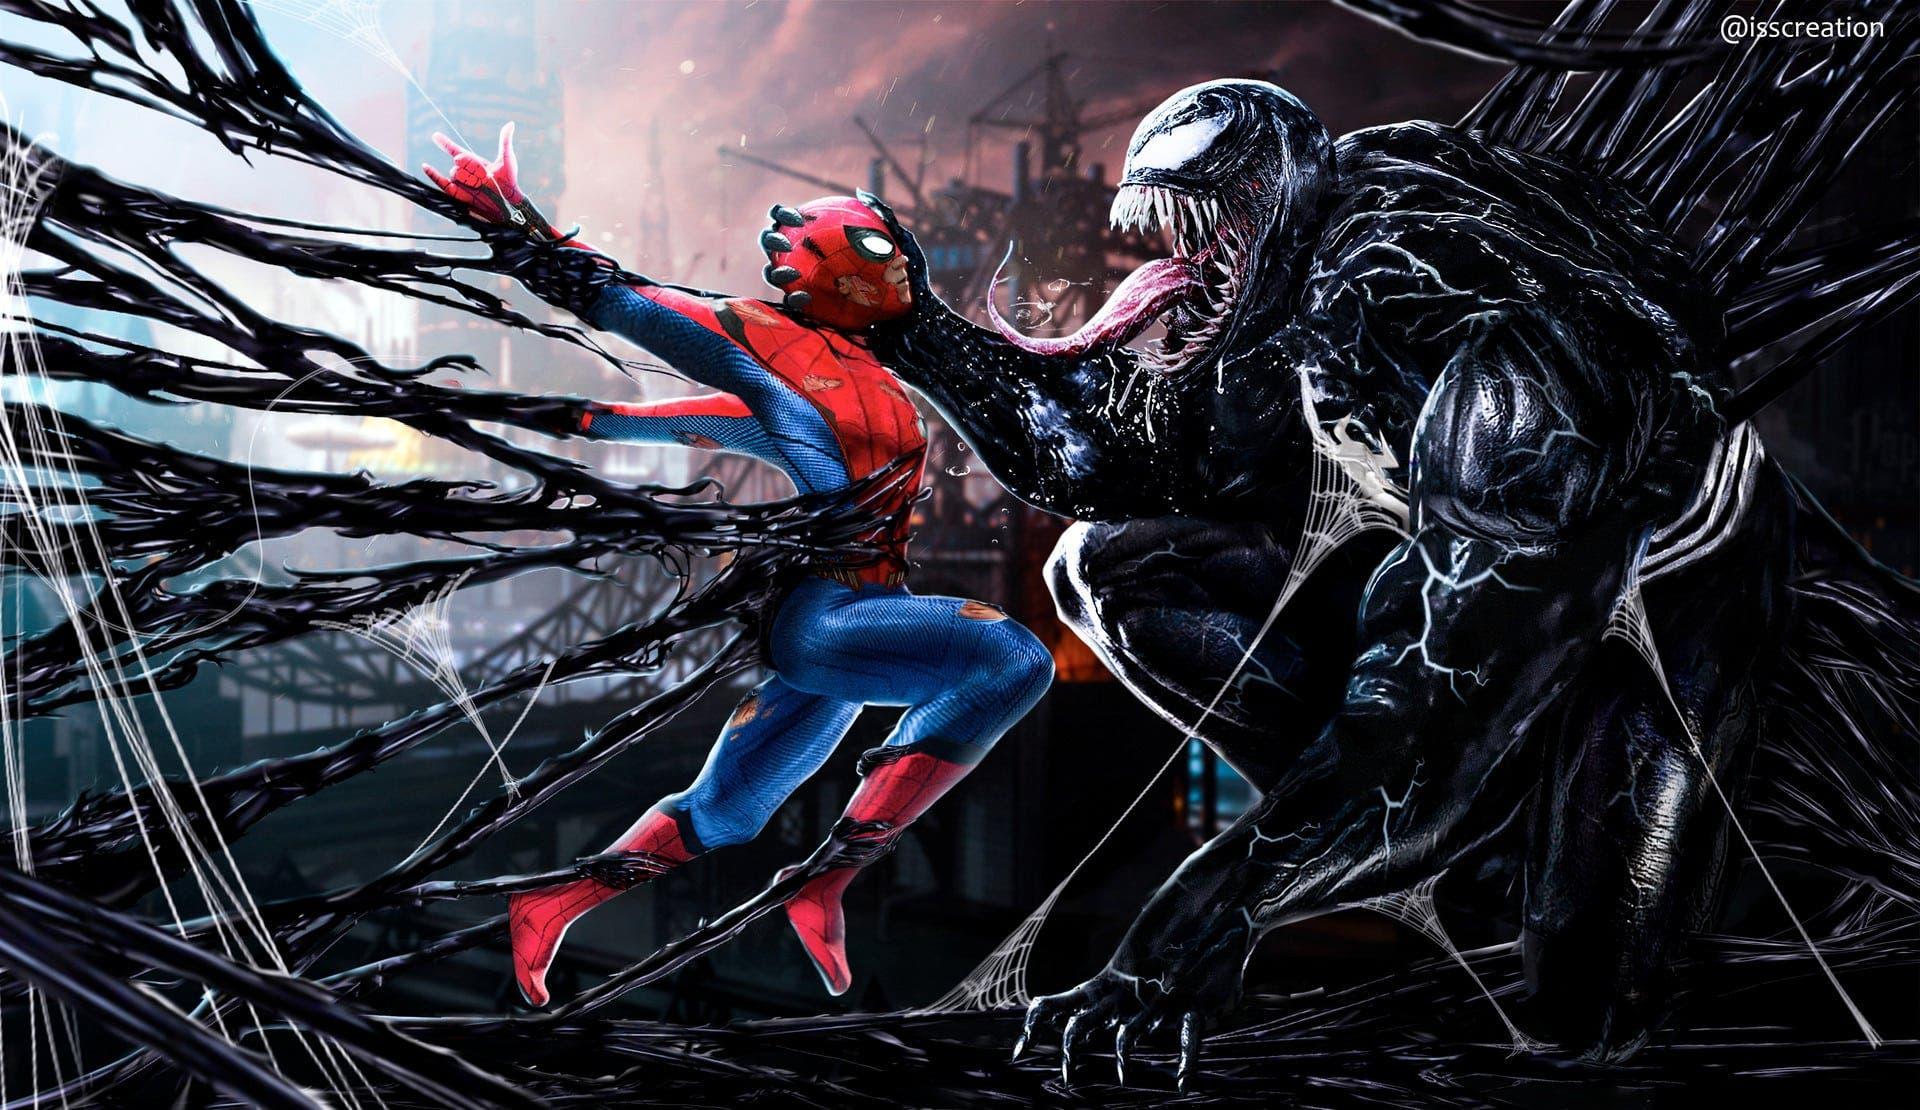 spider-man Tom Holland vs venom